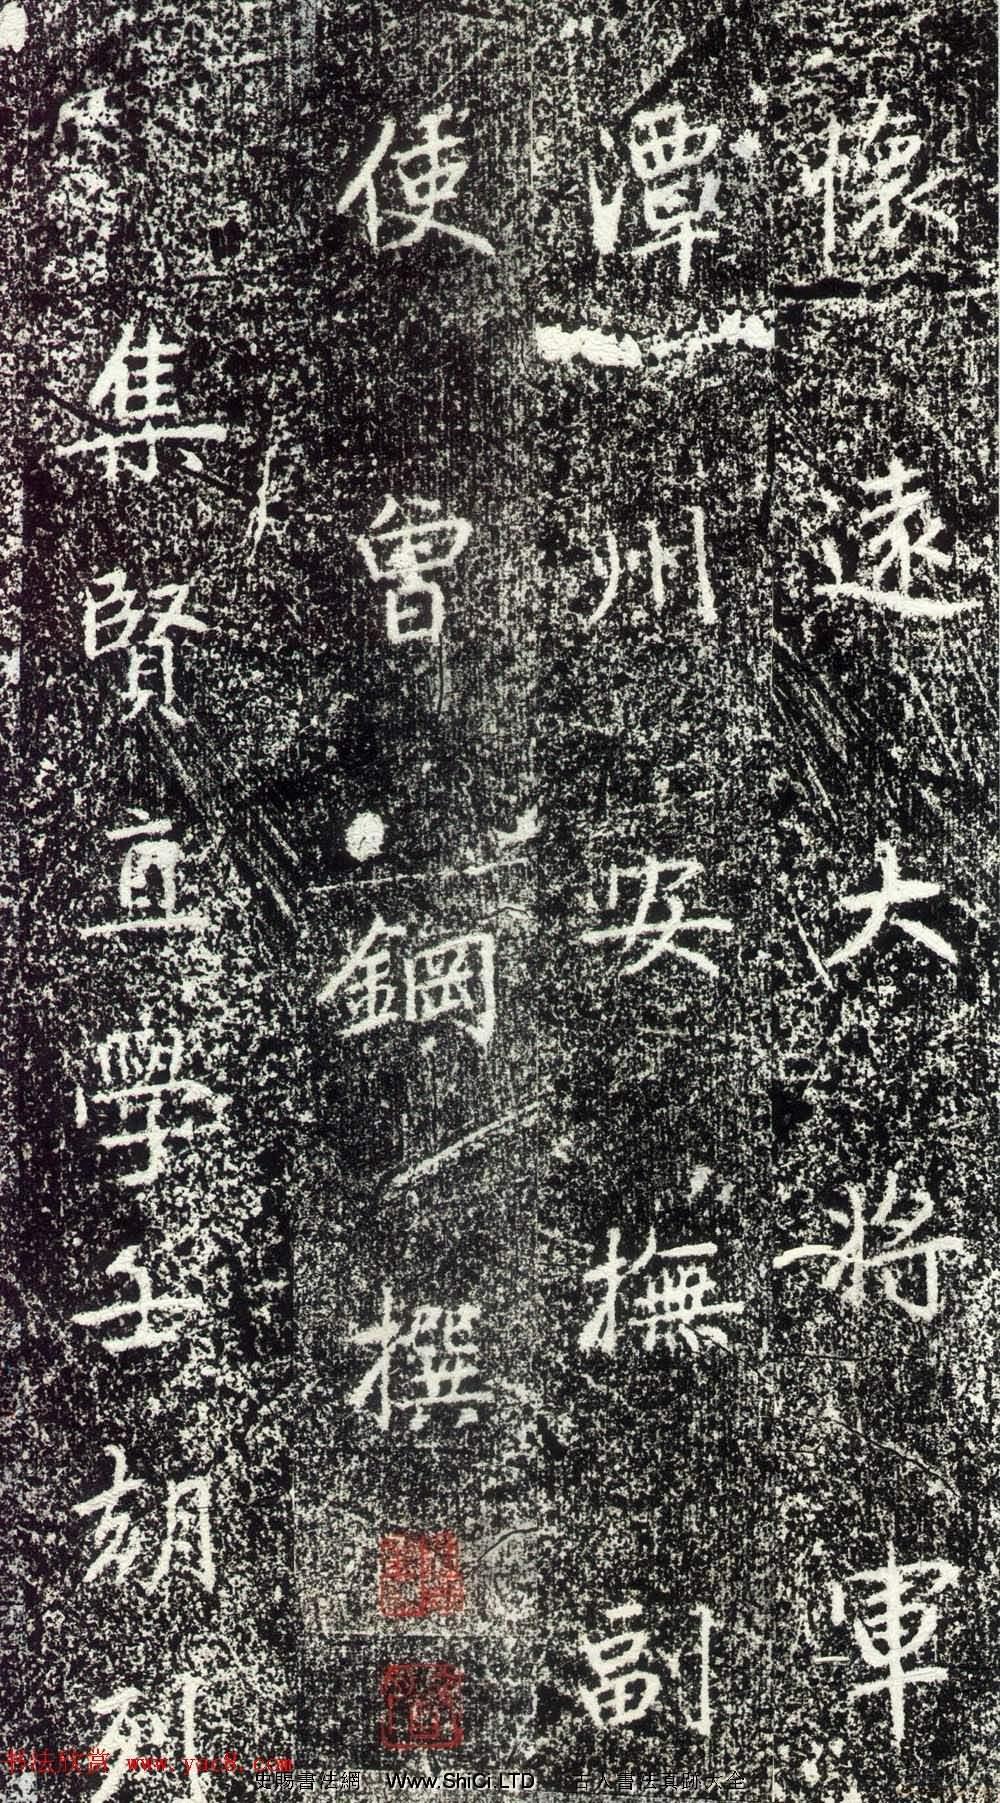 趙孟頫行楷書法字帖《紹興路增置義田之記》(共20張圖片)